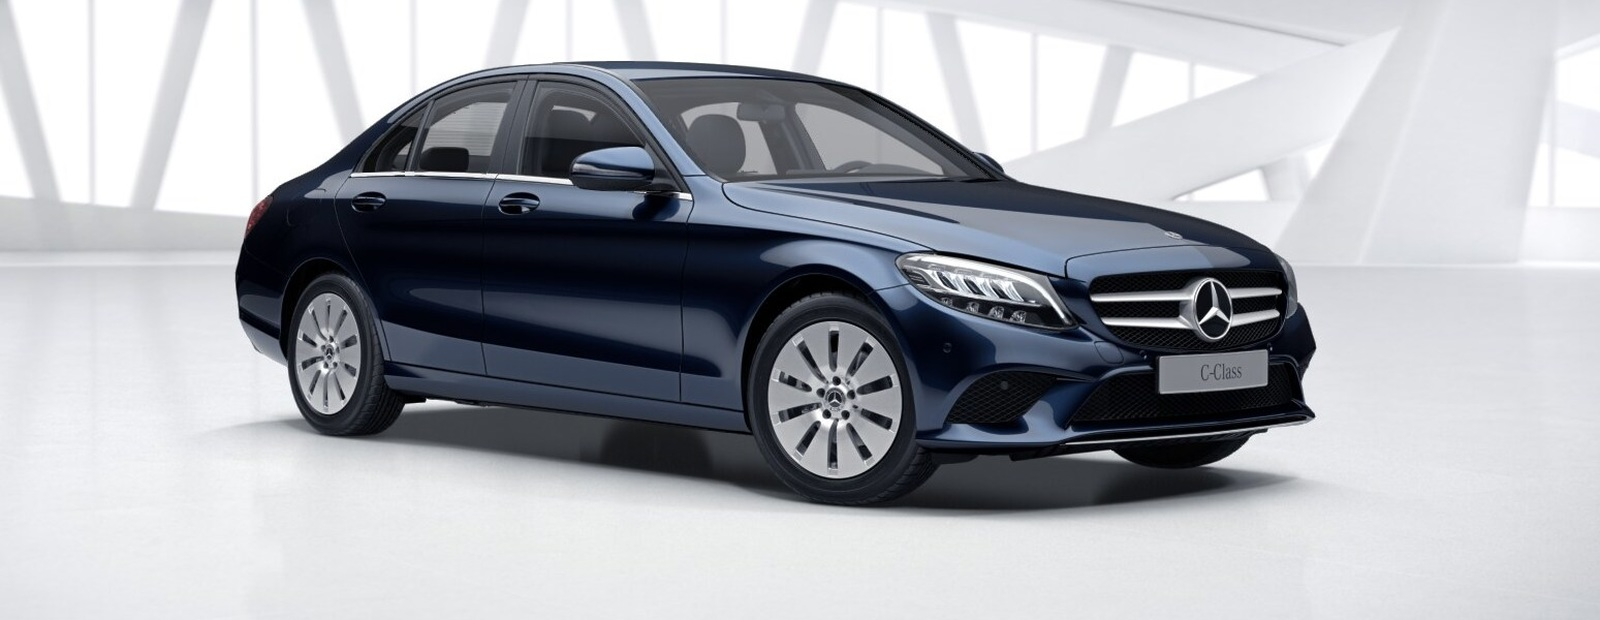 Обновленный Mercedes-Benz C-Класса: российские цены